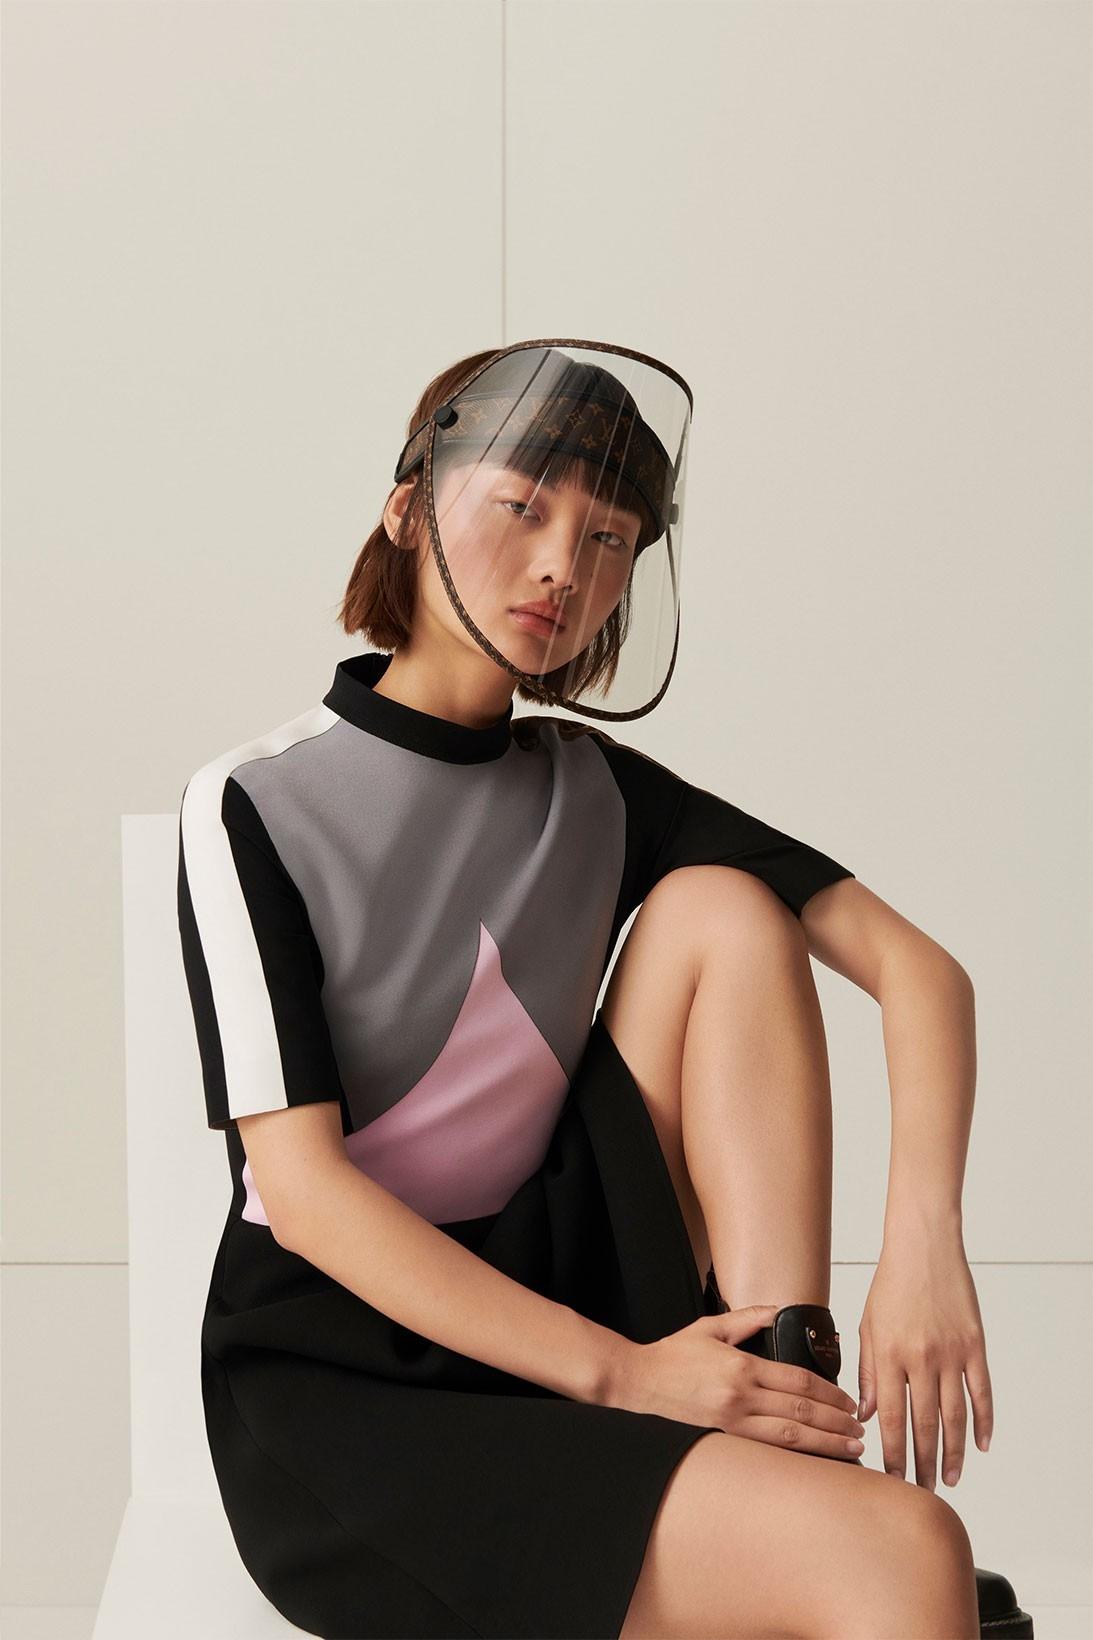 Защита от дождя, солнца и коронавируса: Louis Vuitton выпустили стильные щиты для лица (ФОТО) - фото №1